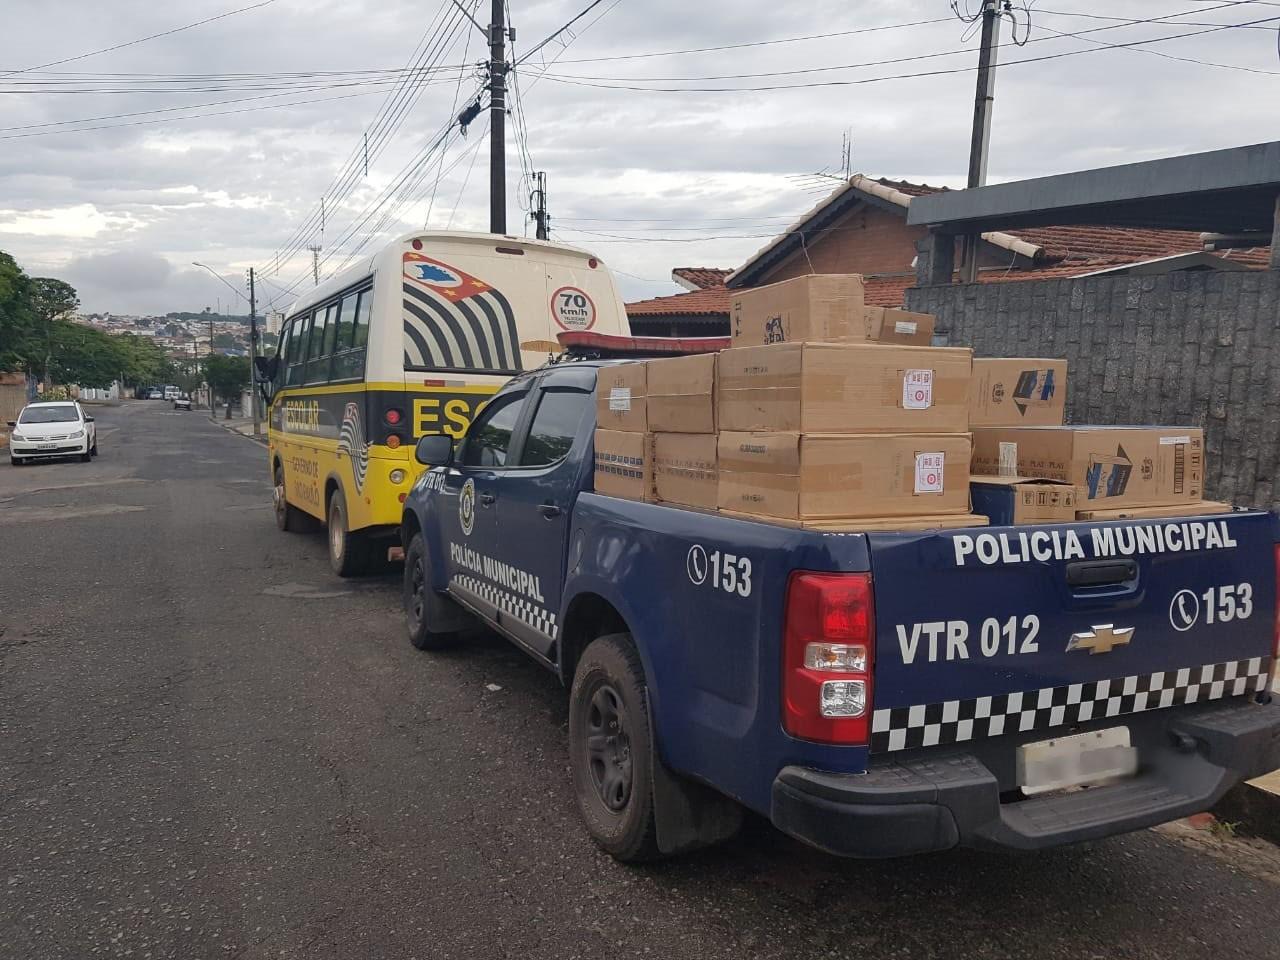 Guarda Municipal apreende maconha e carga de cigarro em Santo Antônio de Posse  - Radio Evangelho Gospel